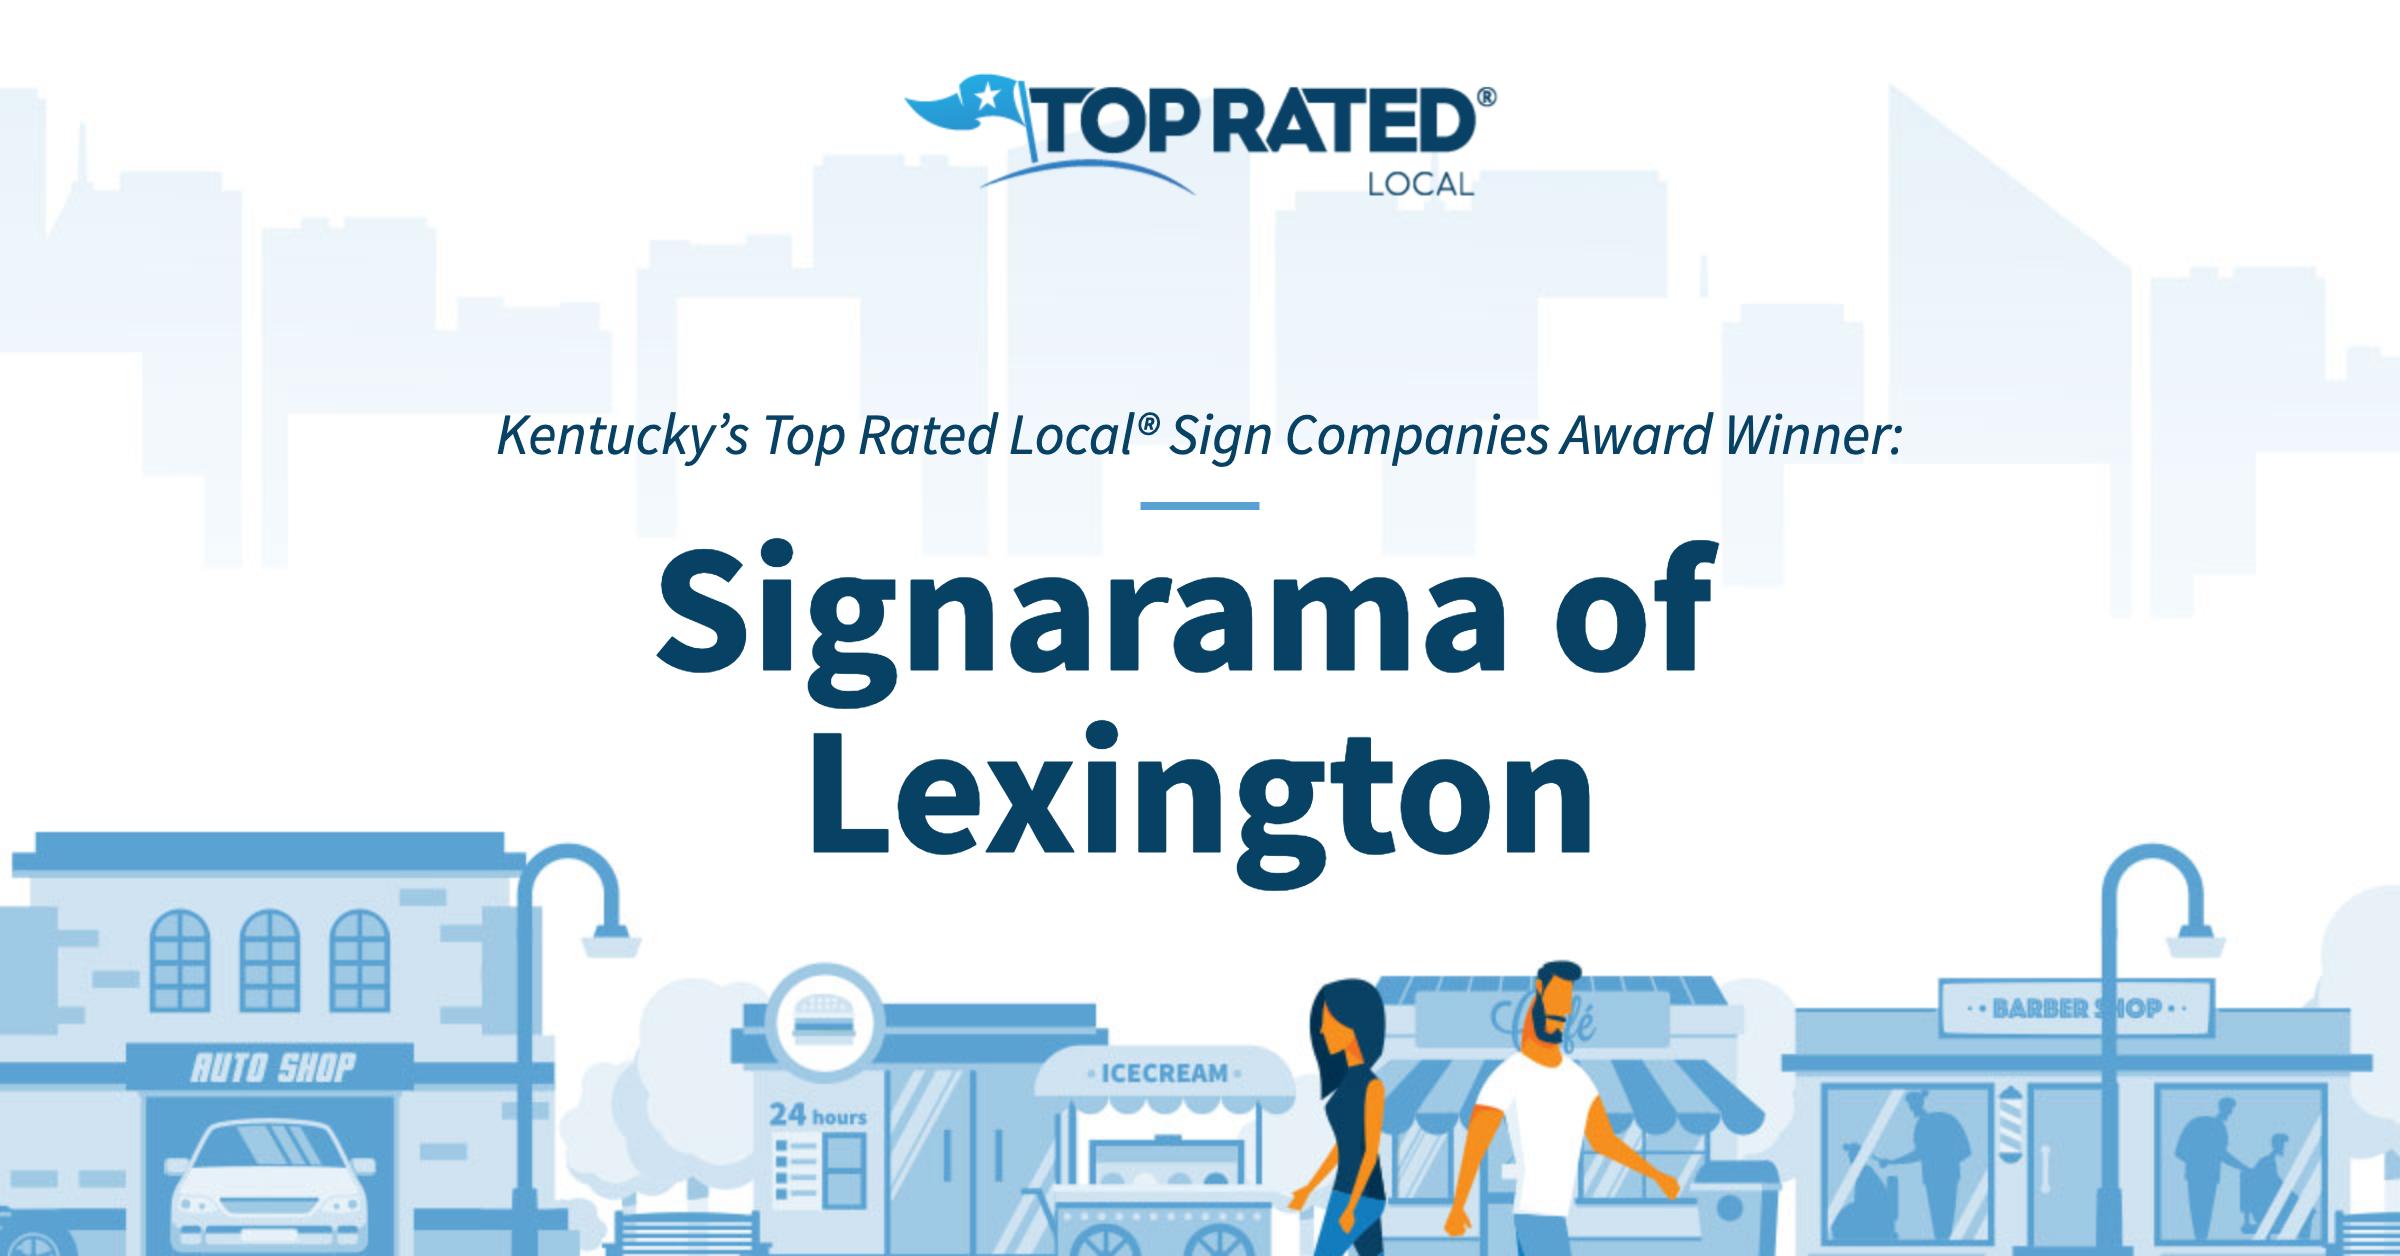 Kentucky's Top Rated Local® Sign Companies Award Winner: Signarama of Lexington